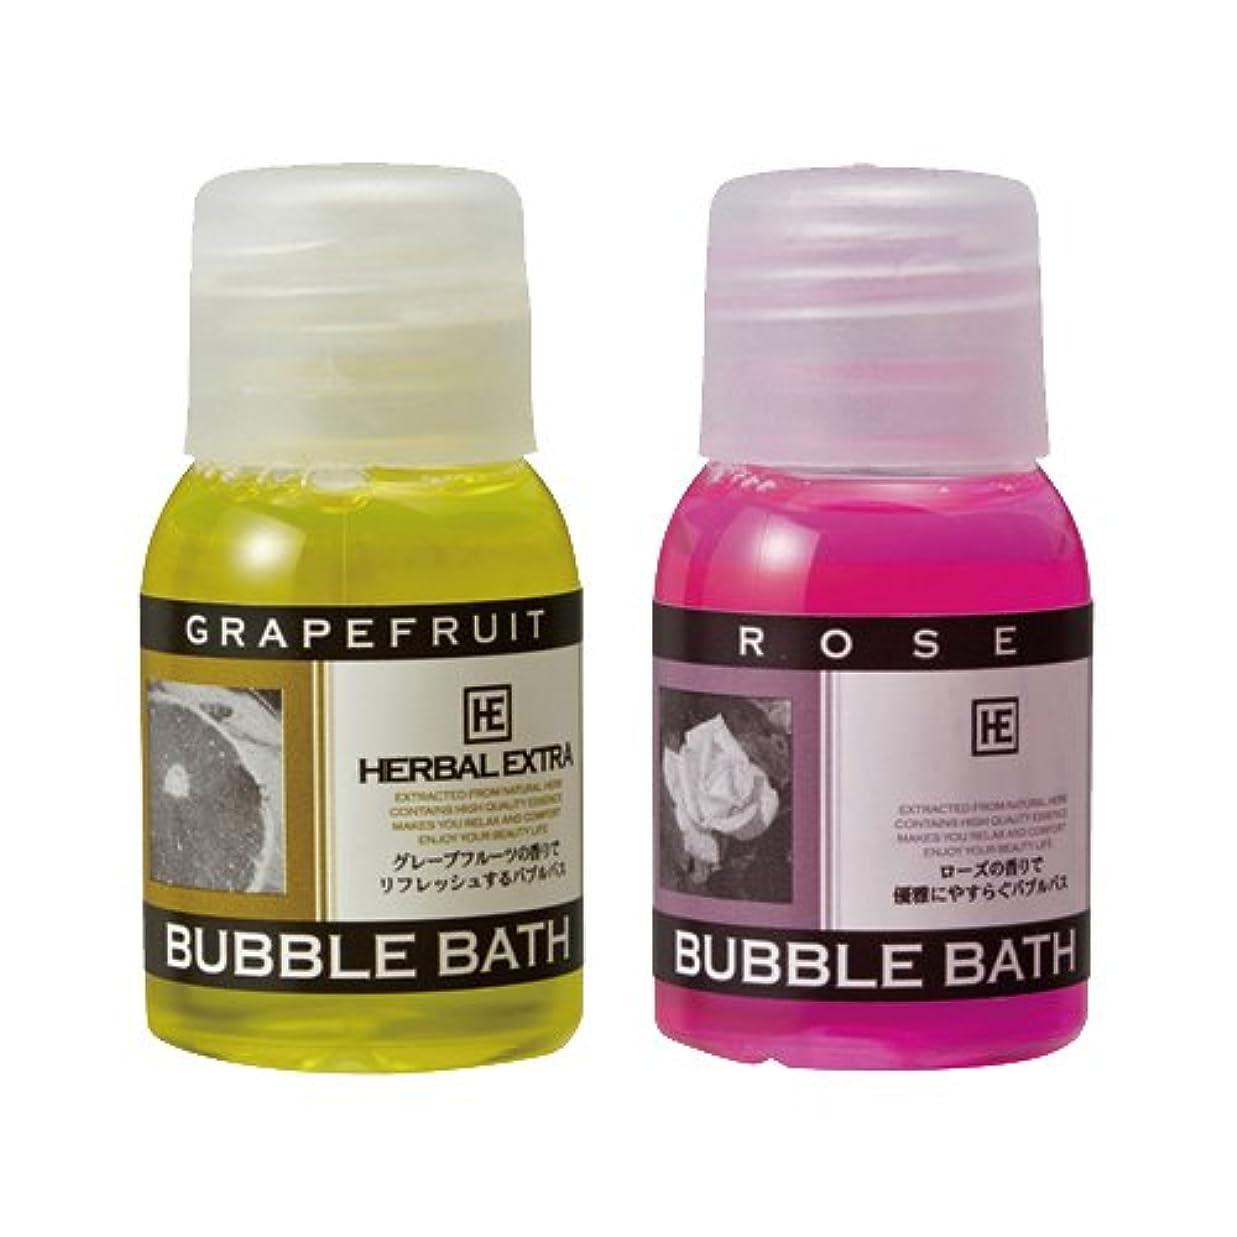 億ダーベビルのテス第ハーバルエクストラ バブルバス ミニボトル × おまかせアソート20個セット - ホテルアメニティ 業務用 発泡入浴剤 (BUBBLE BATH)